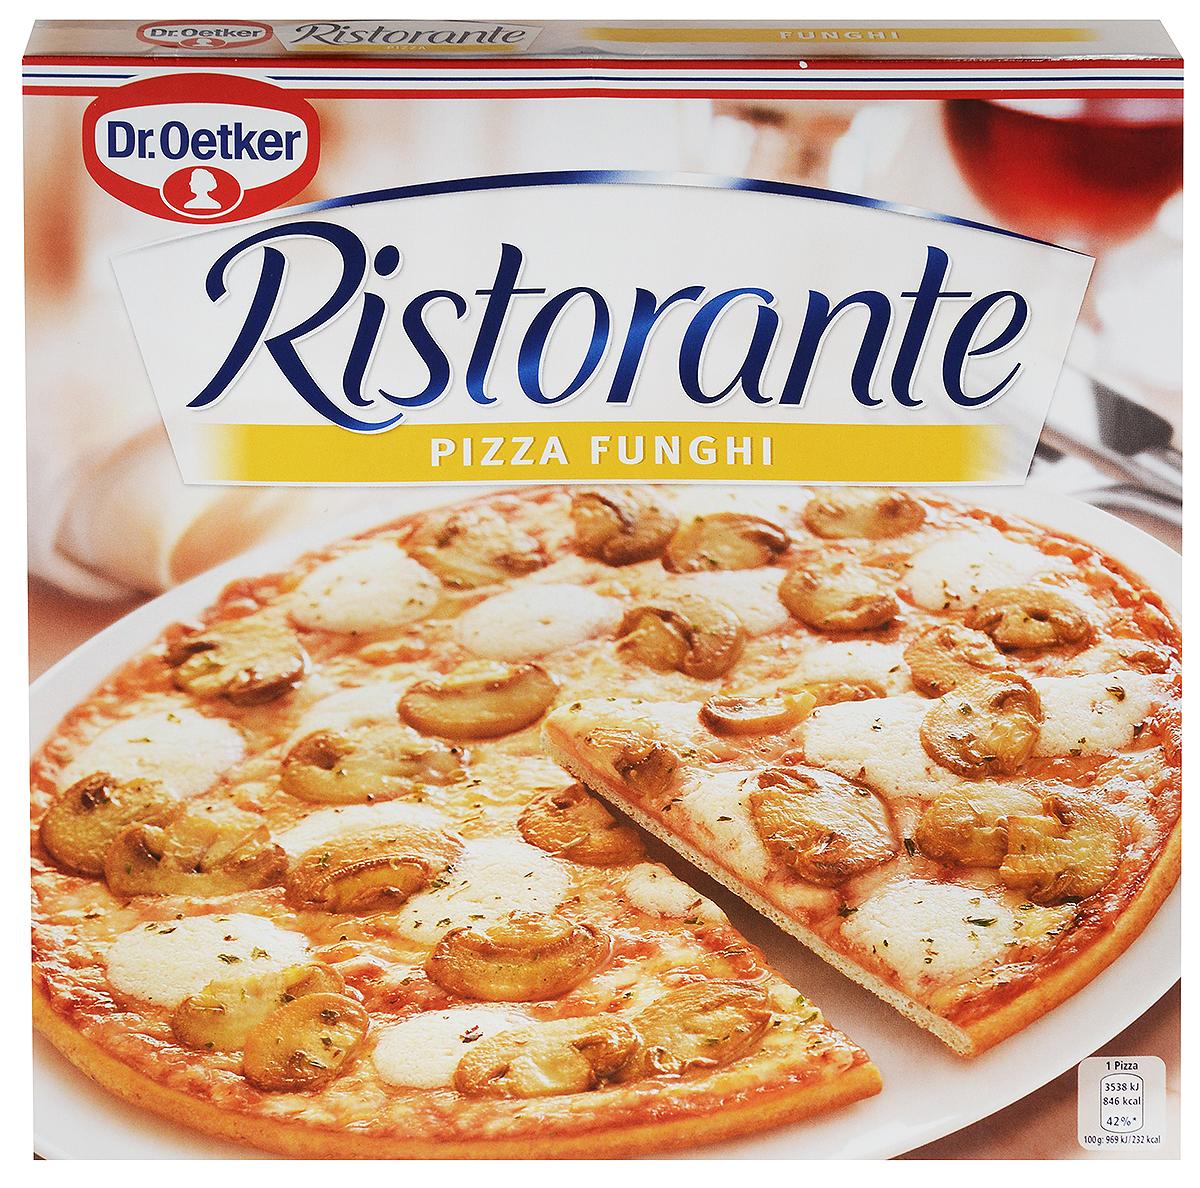 Dr.Oetker Пицца Ristorante Шампиньоны, 365 г